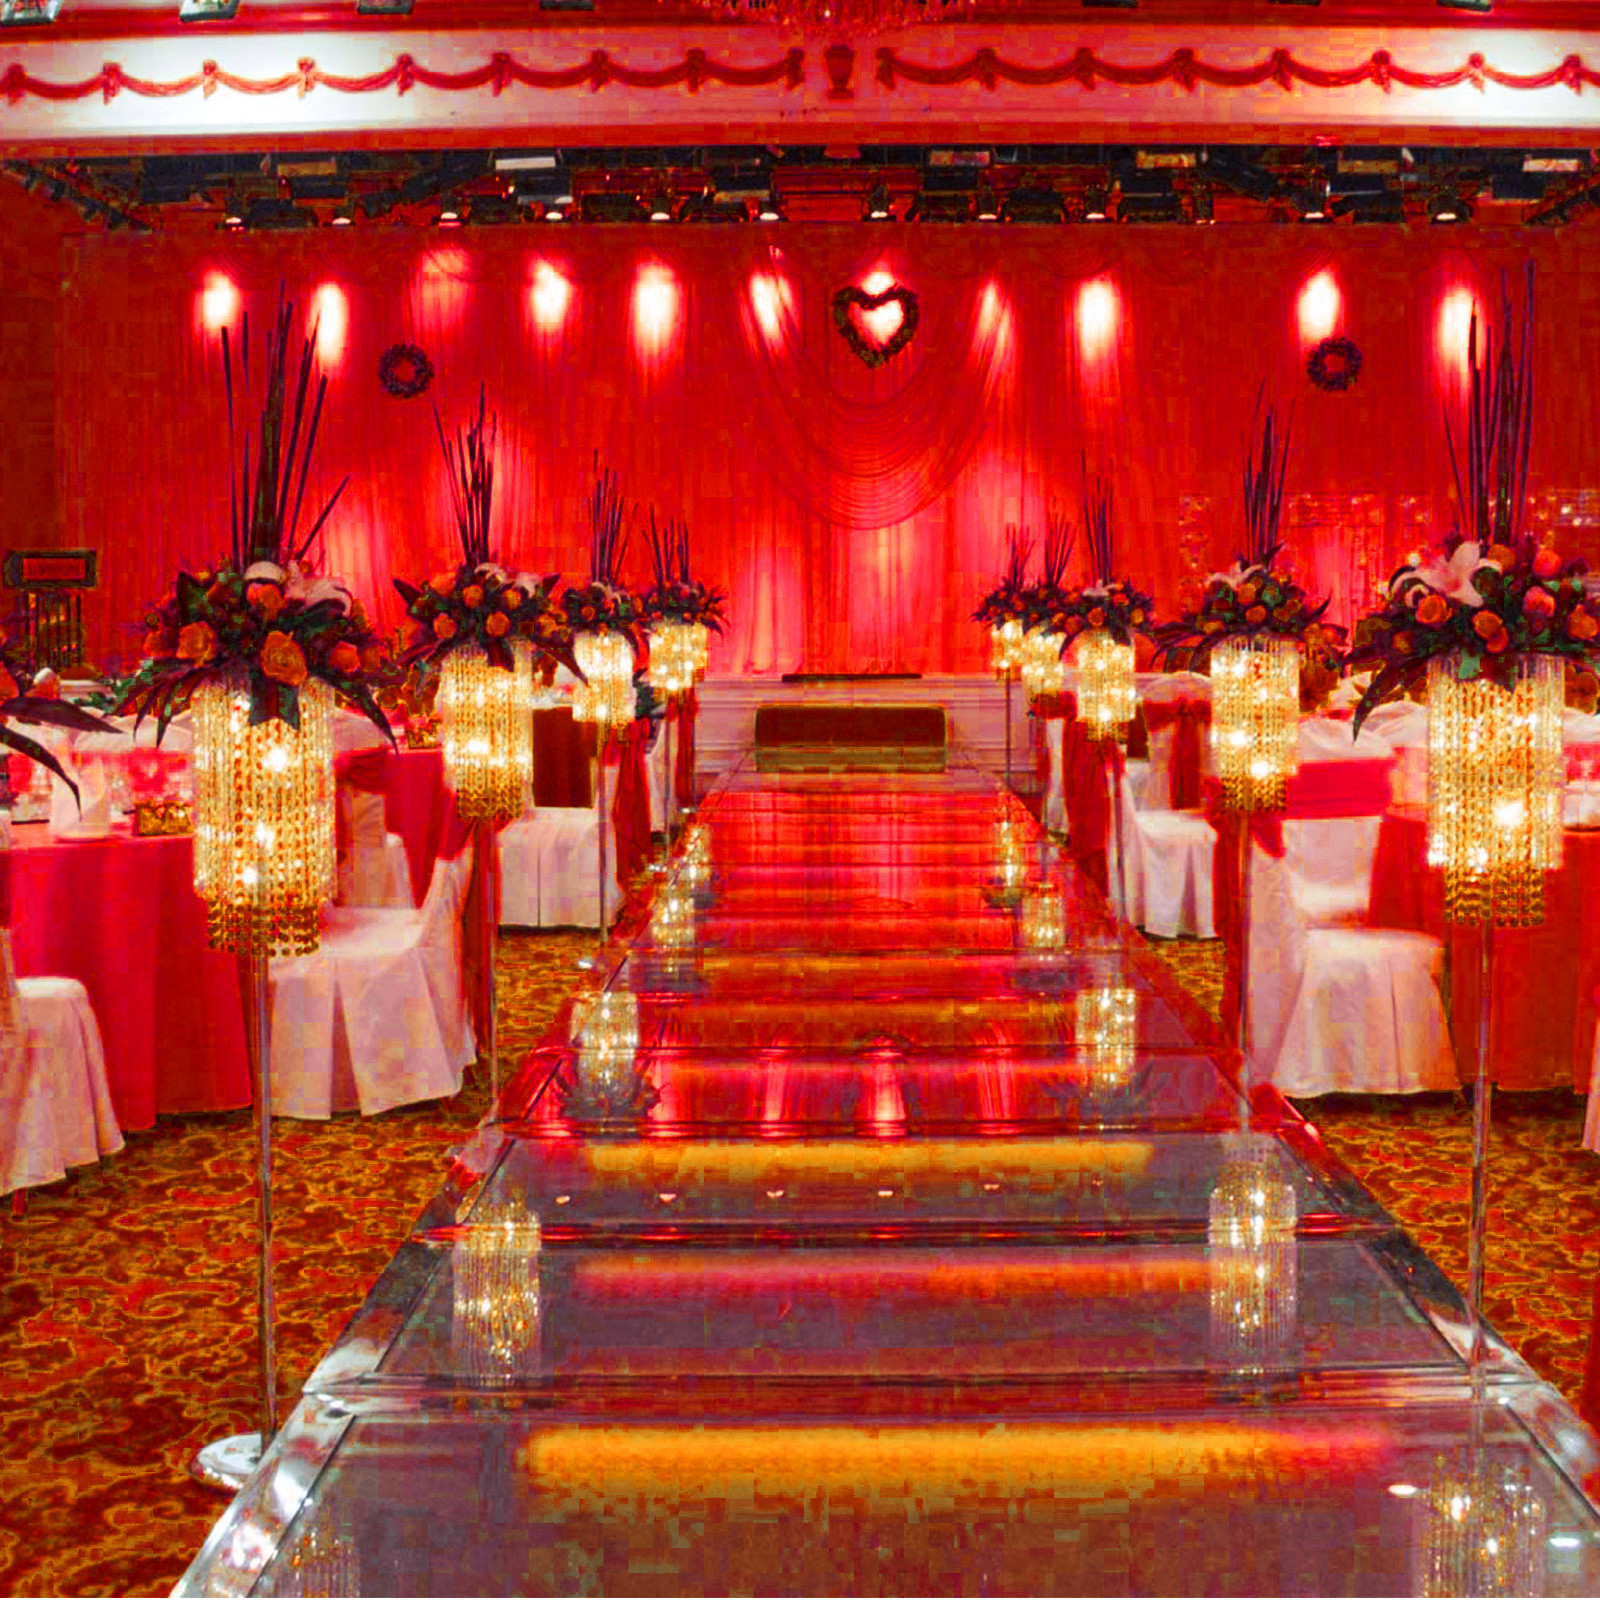 100PCS-Ruban-Noeud-de-Chaise-Housse-Echarpe-Decoration-Fete-Mariage-Restaurant miniature 108